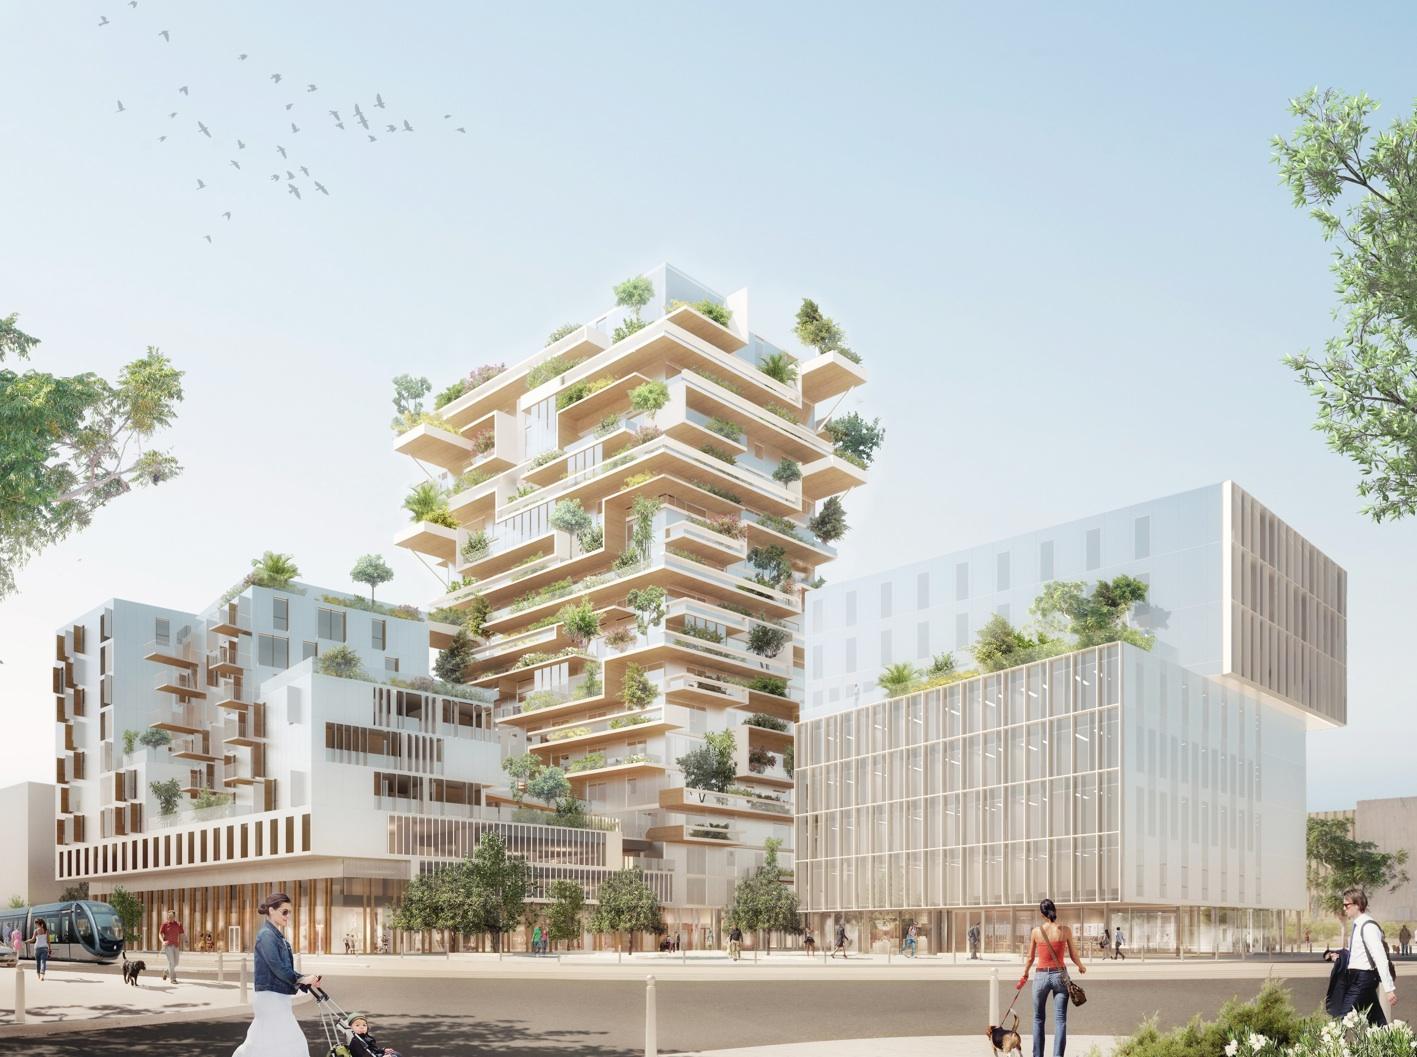 Projet Tour Hyperion en bois à Bordeaux